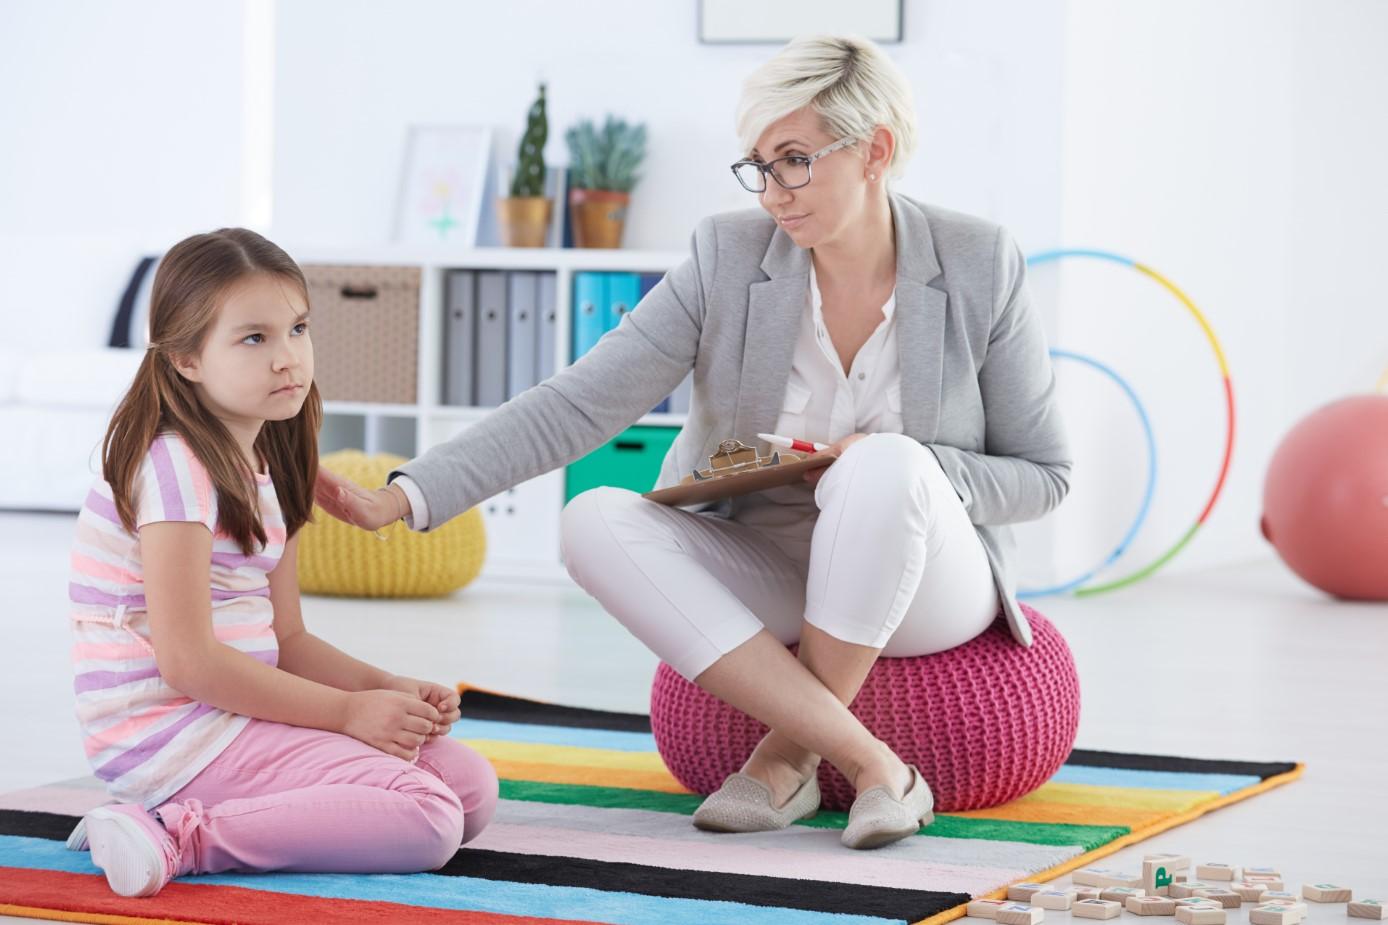 Çocuklar İçin Psikolojik Danışmanlık Süreci ve Faydaları